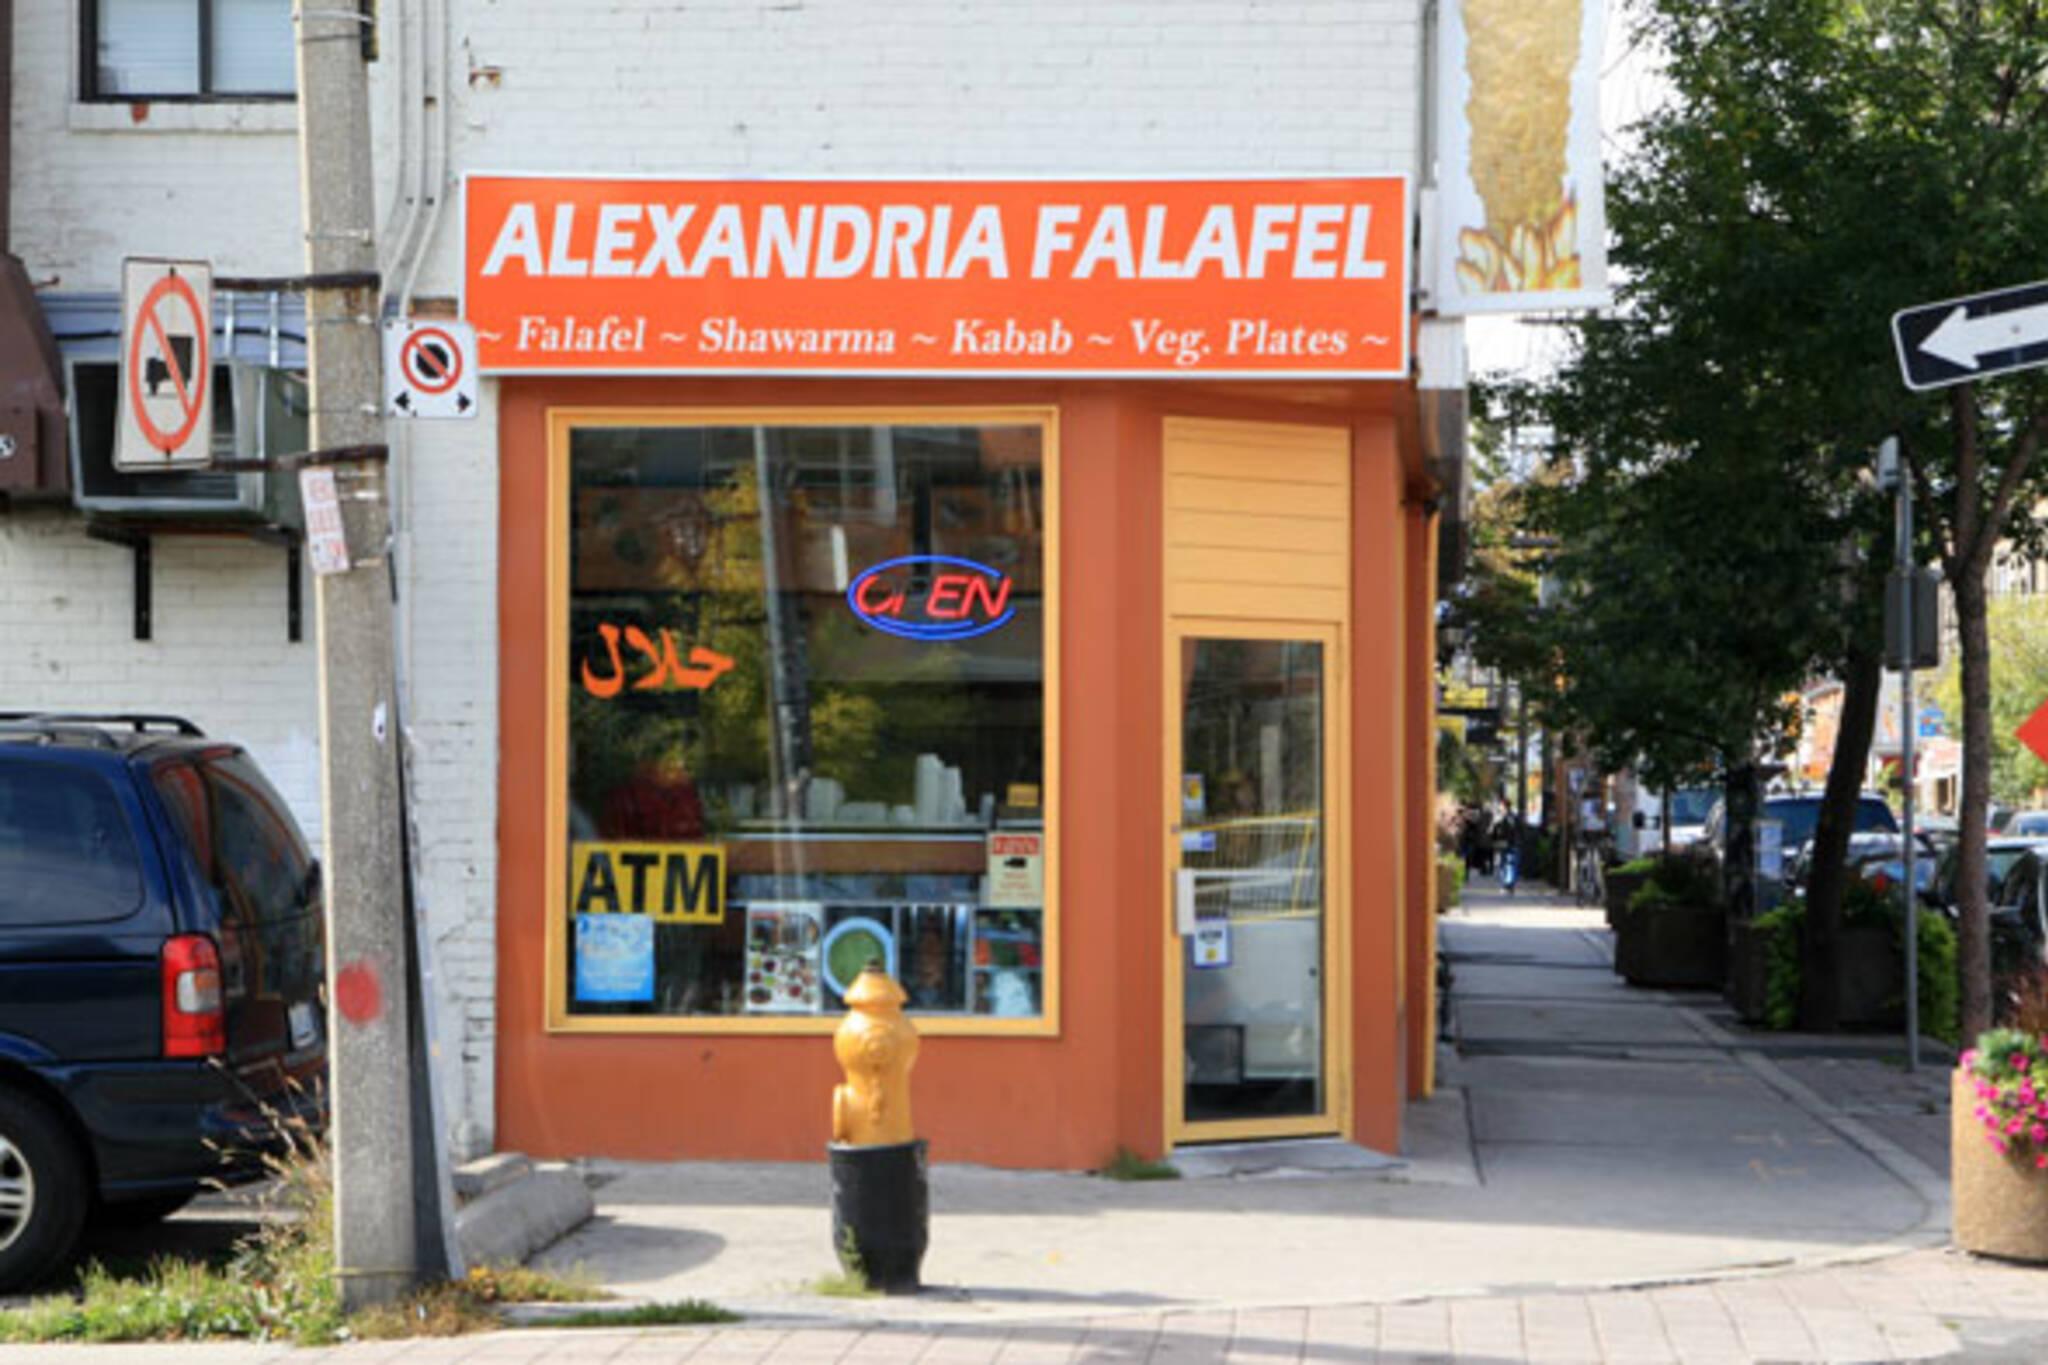 Alexandria Falafel